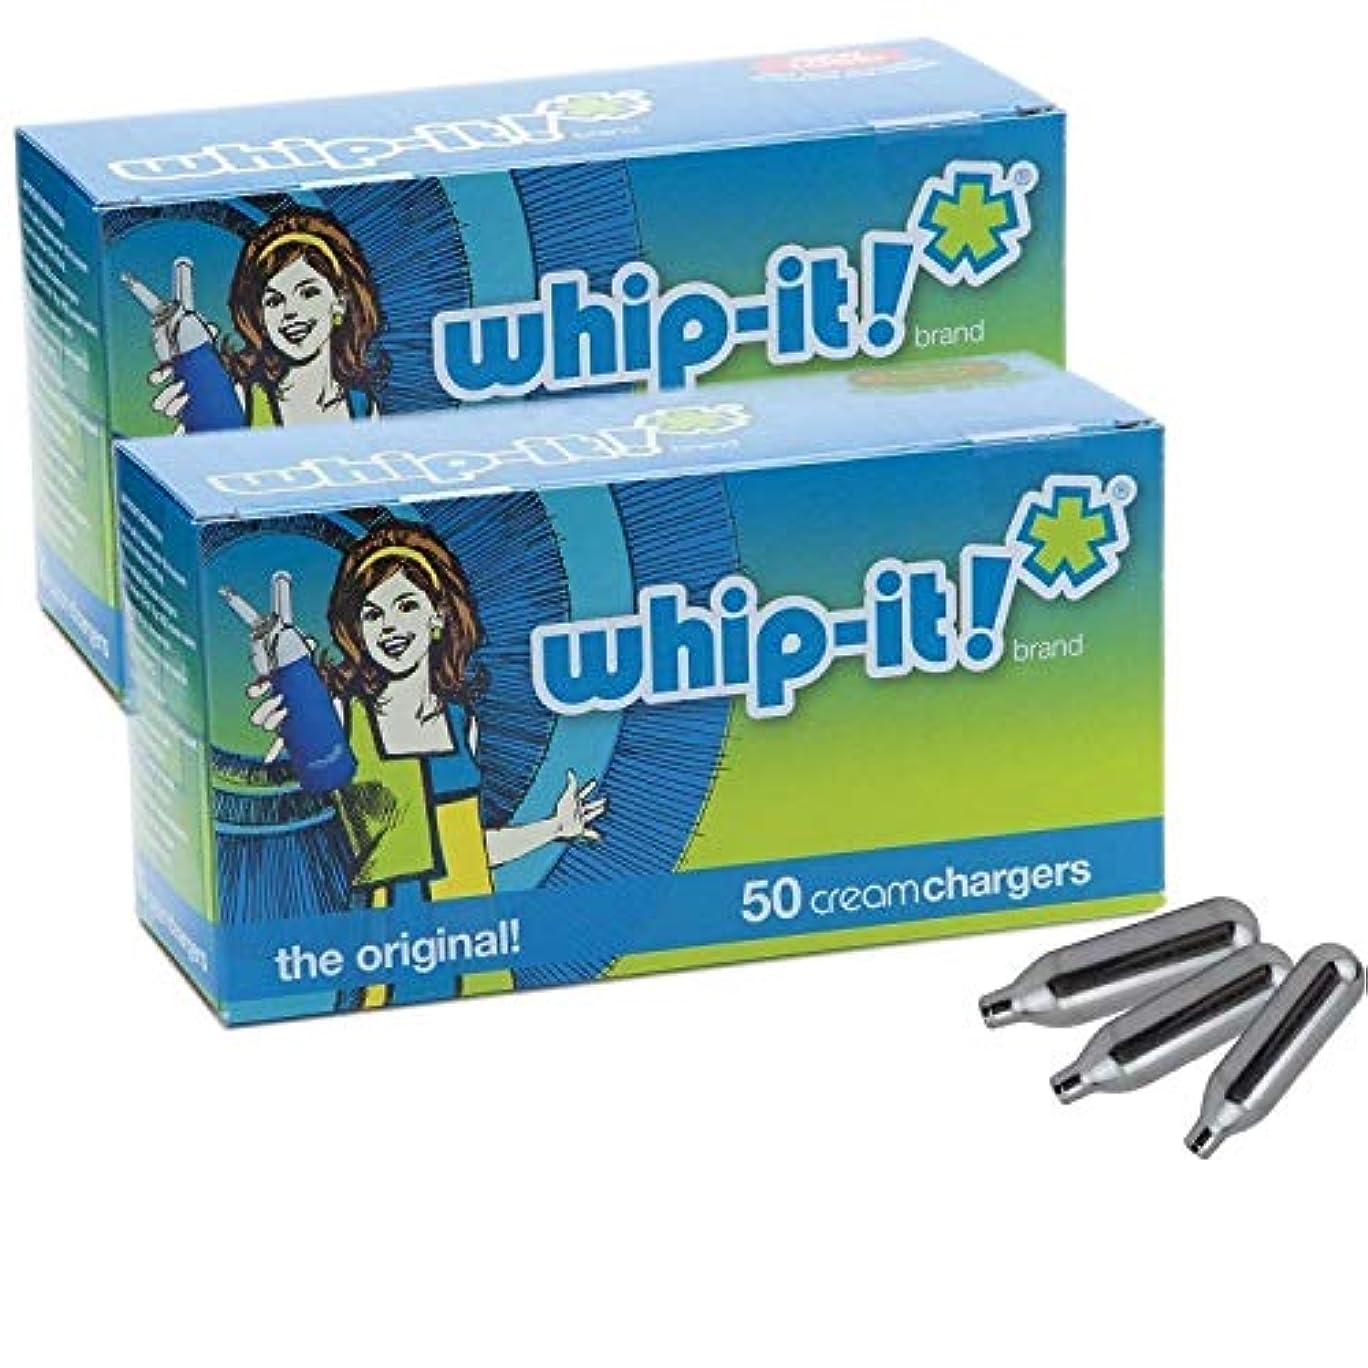 パス災難確認Whip-it! ブランド:オリジナルホイップクリームの充電器(100 パック)